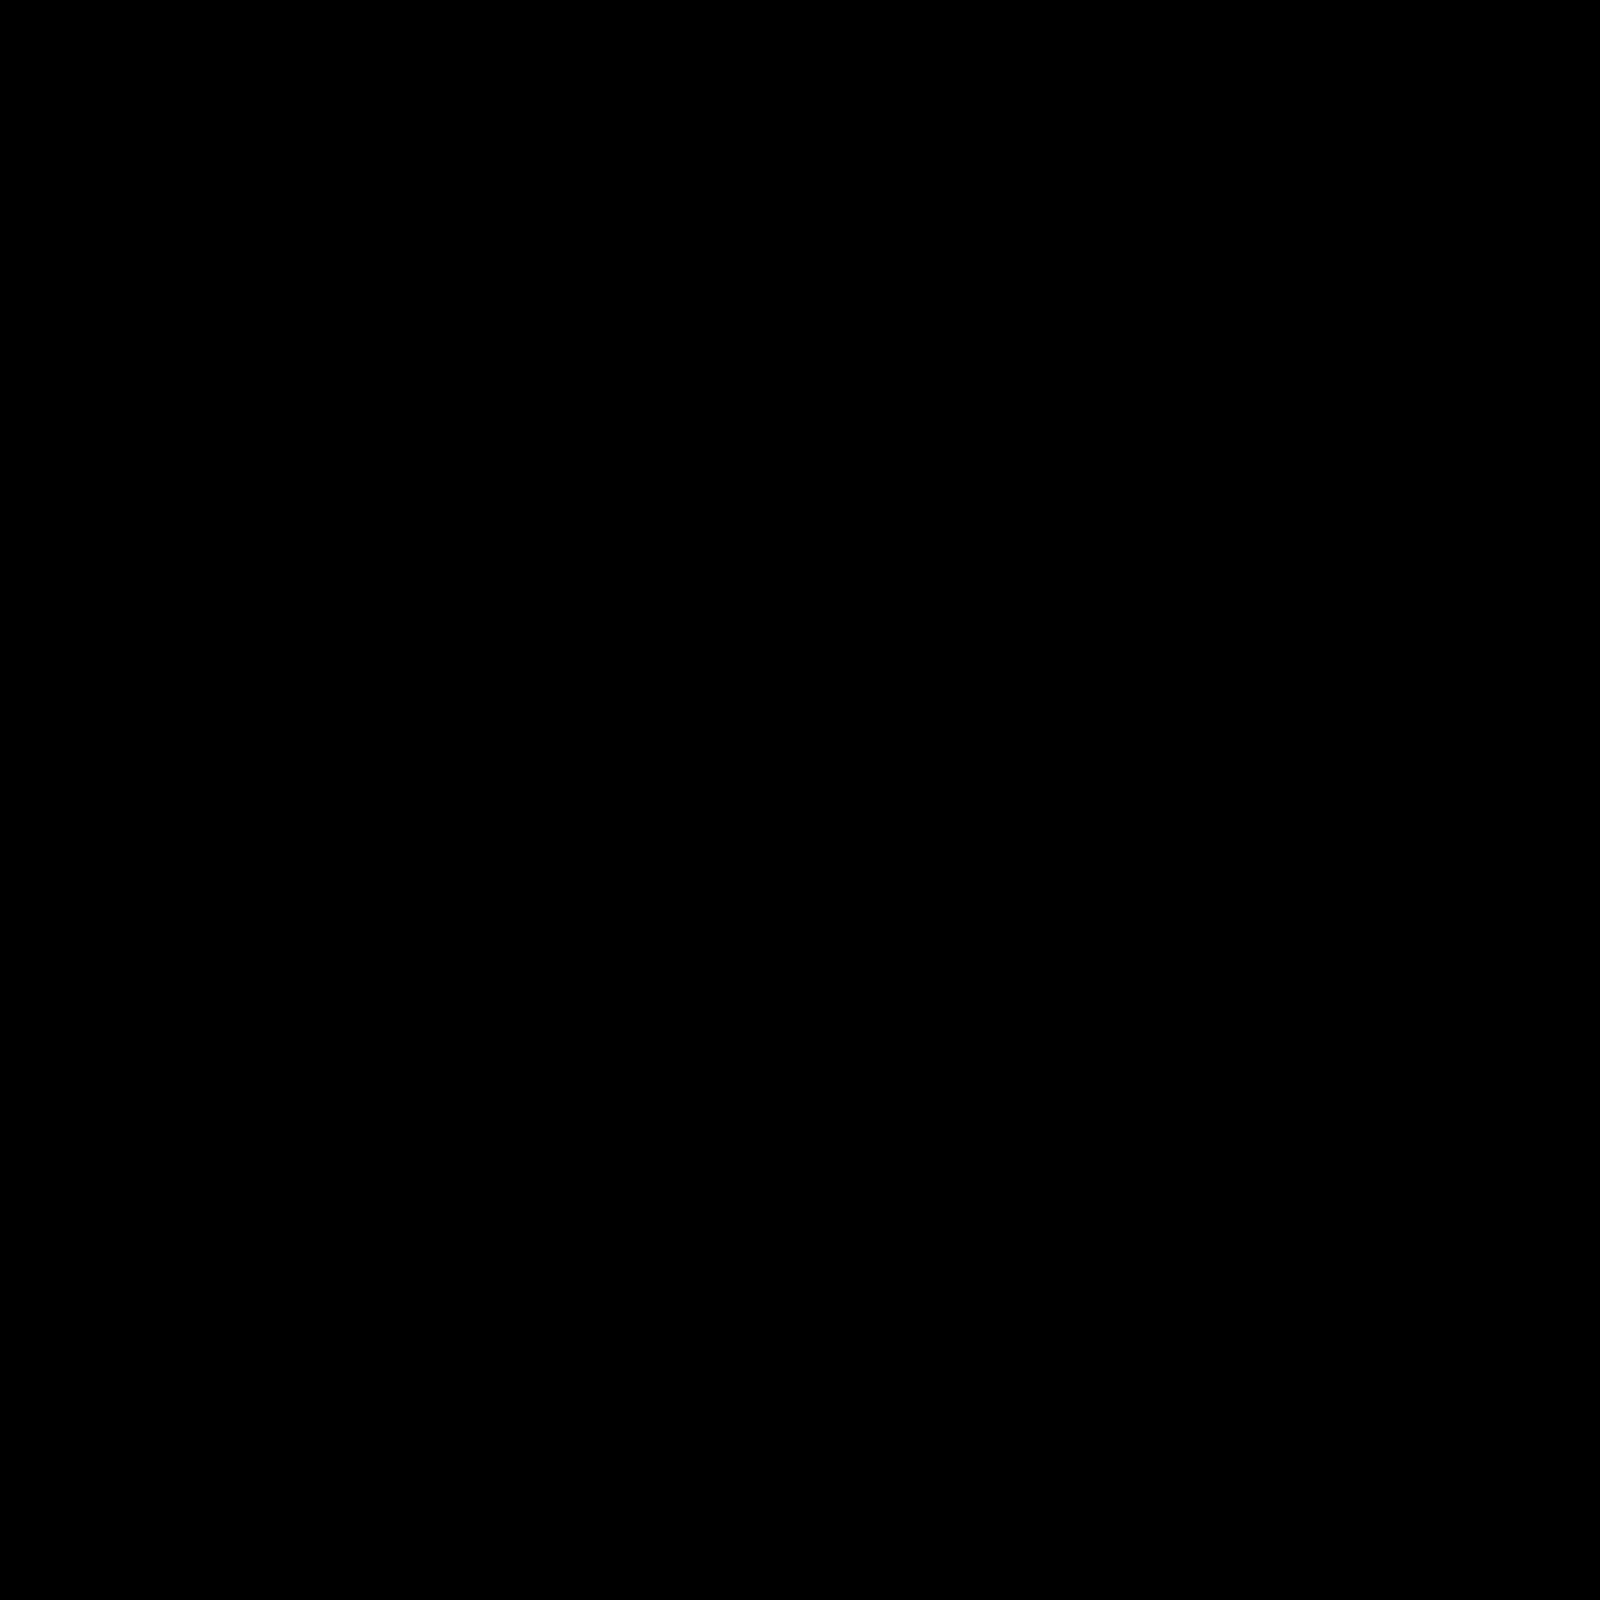 Kartkówka icon